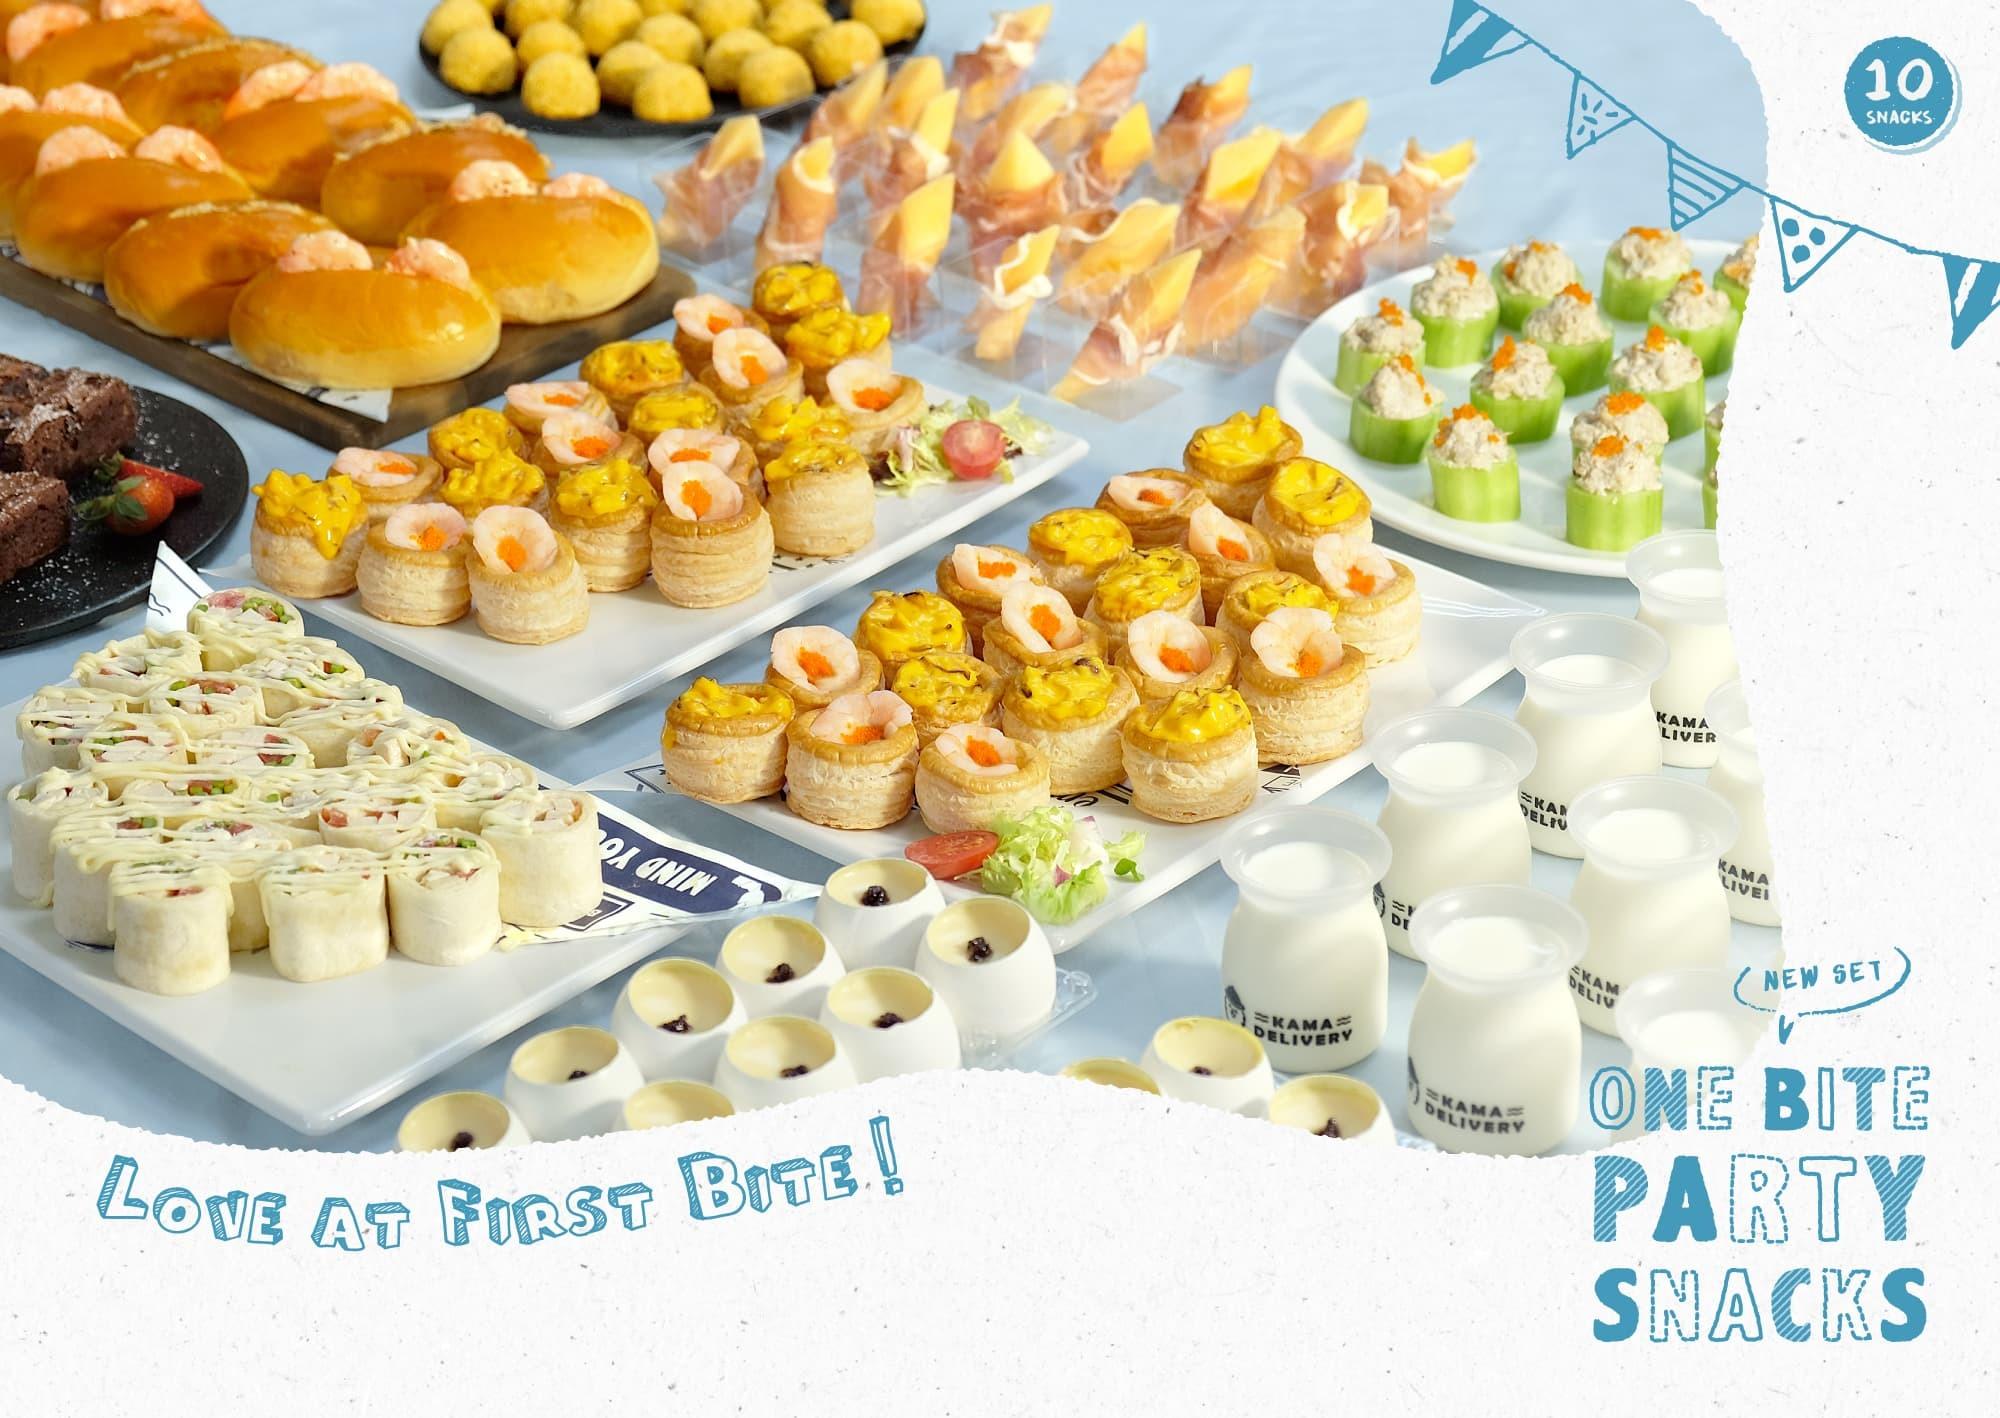 43人外賣套餐訂購 Kama Delivery推出的一口派對小食Set適合在私人婚宴酒會、百日宴、店舖開張、企業簡介會、公司講座、辦公室會議、慶功宴等場合享用。